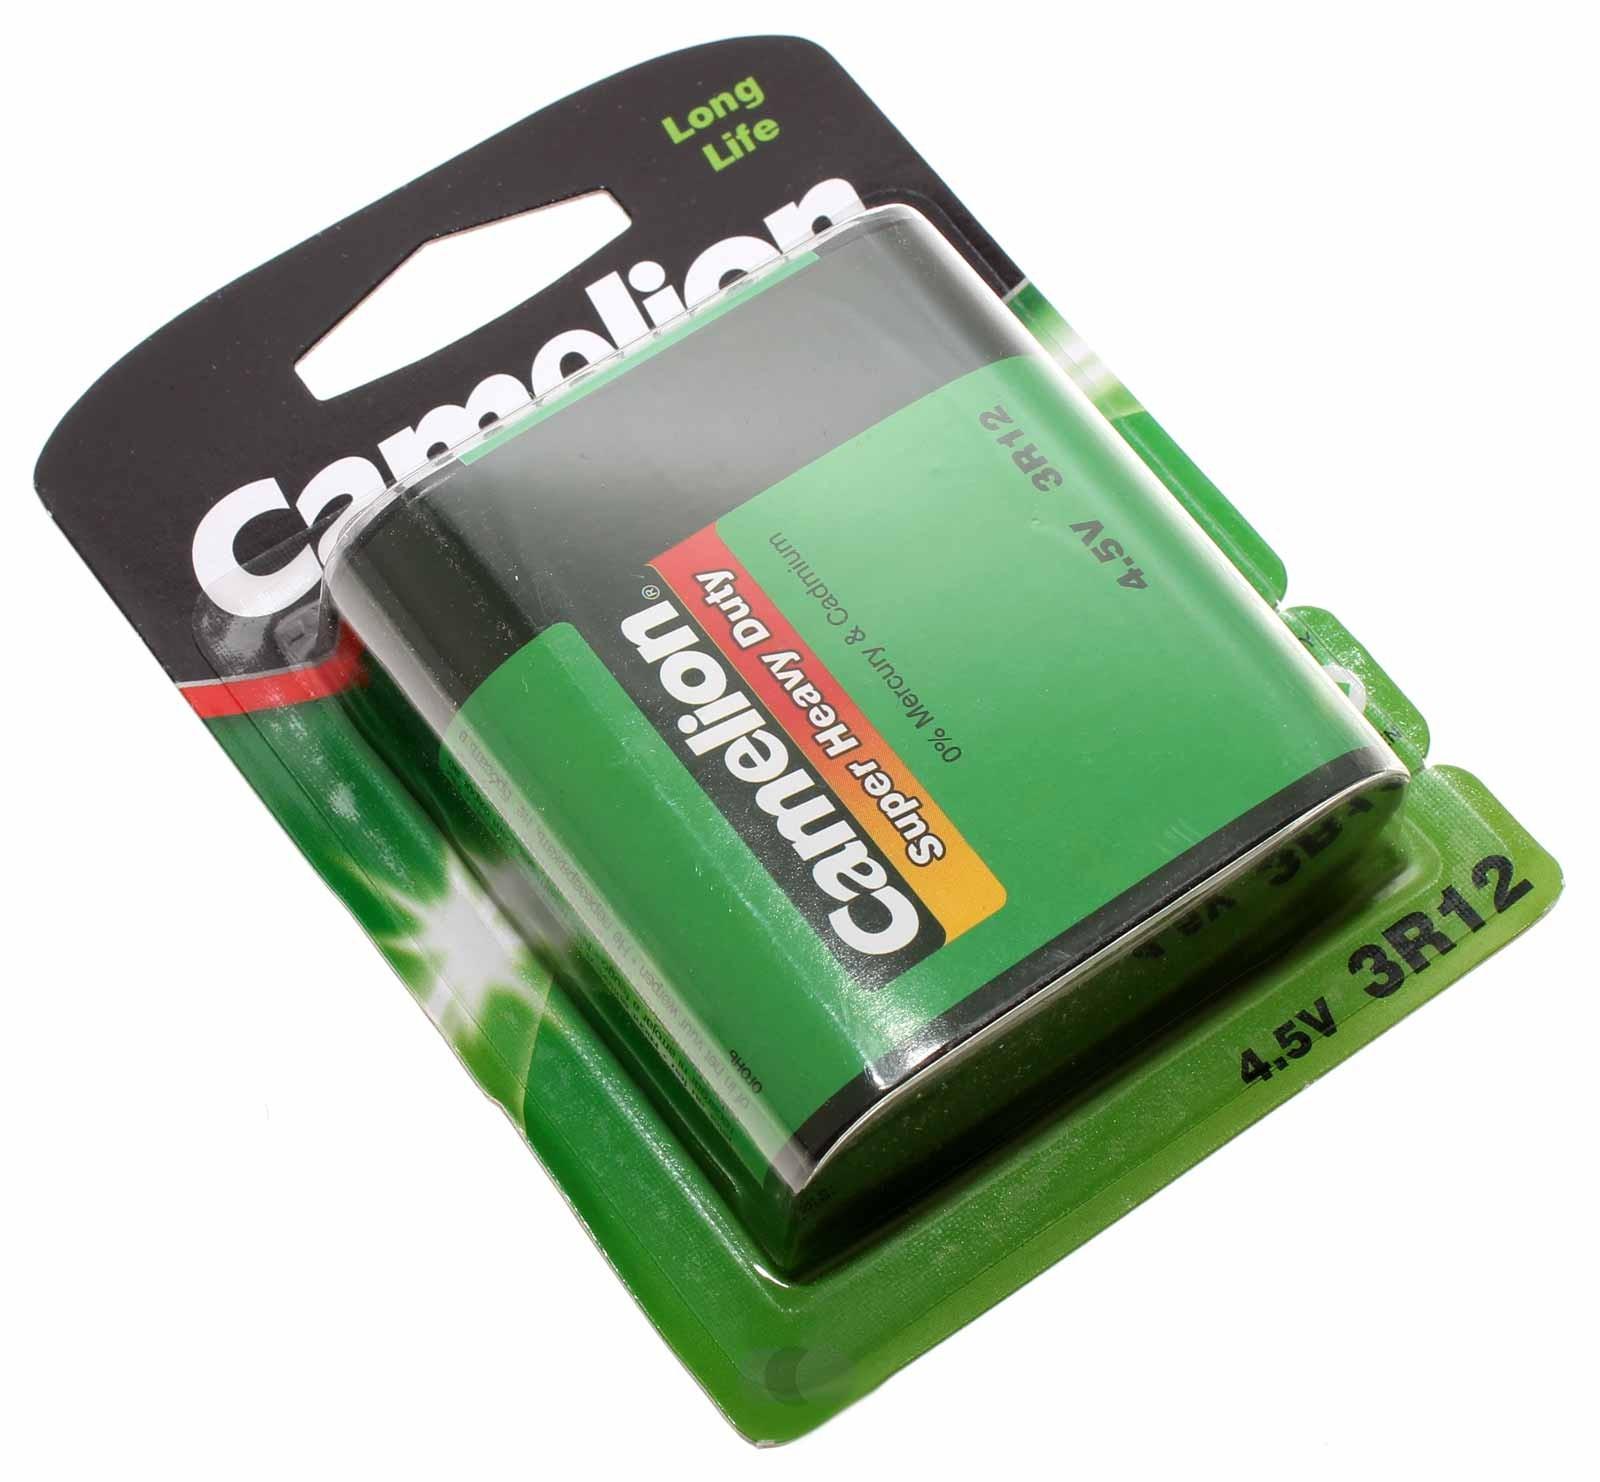 Camelion 3LR12 Super Heavy Duty Flachbatterie mit 4,5 Volt und 2000mAh Kapazität